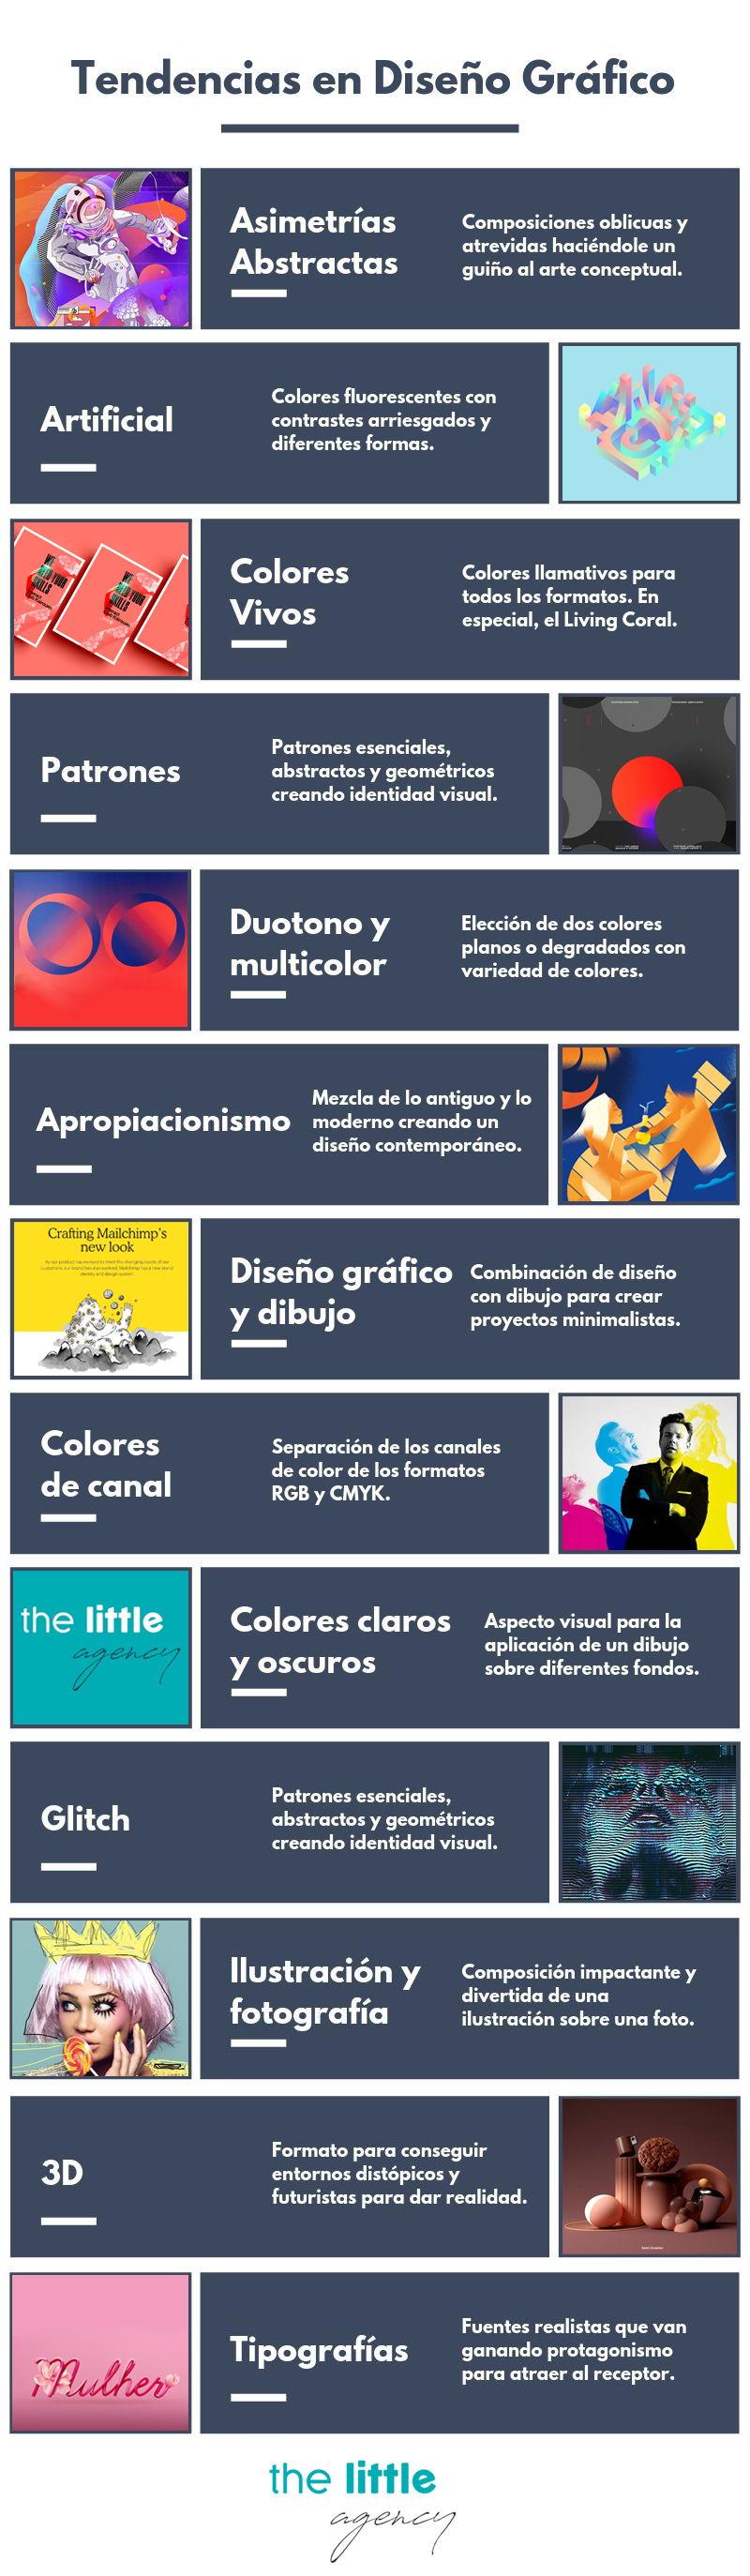 Infografía de tendencias de diseño gráfico